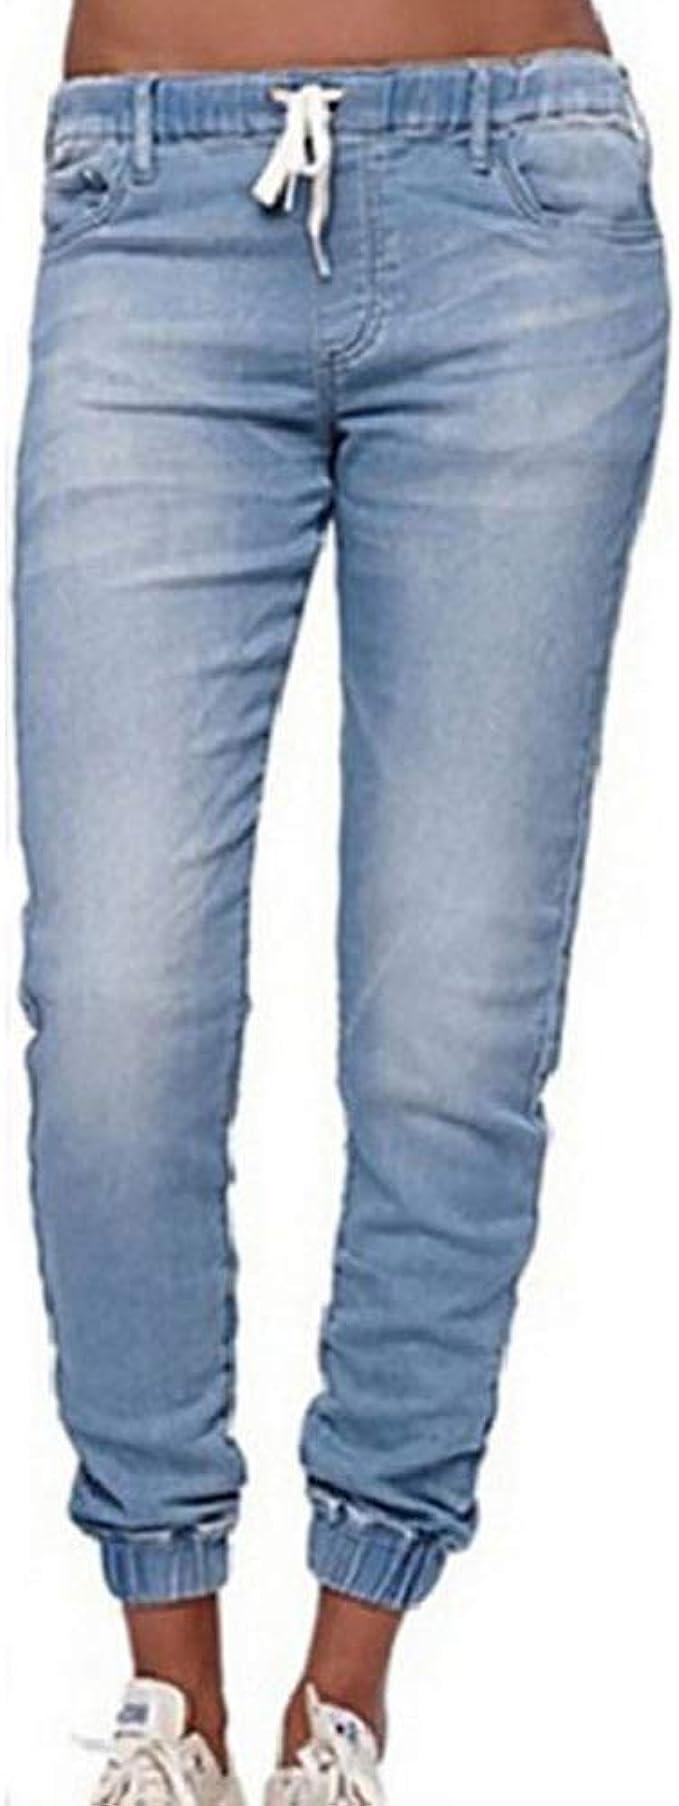 Morbuy Vaqueros Mujer Cintura Alta Talla Grande, Push Up Rotos EláStico Rectos Tejanos Skinny Slim Boot Cut Boyfriend Jeans Acampanados Pantalones